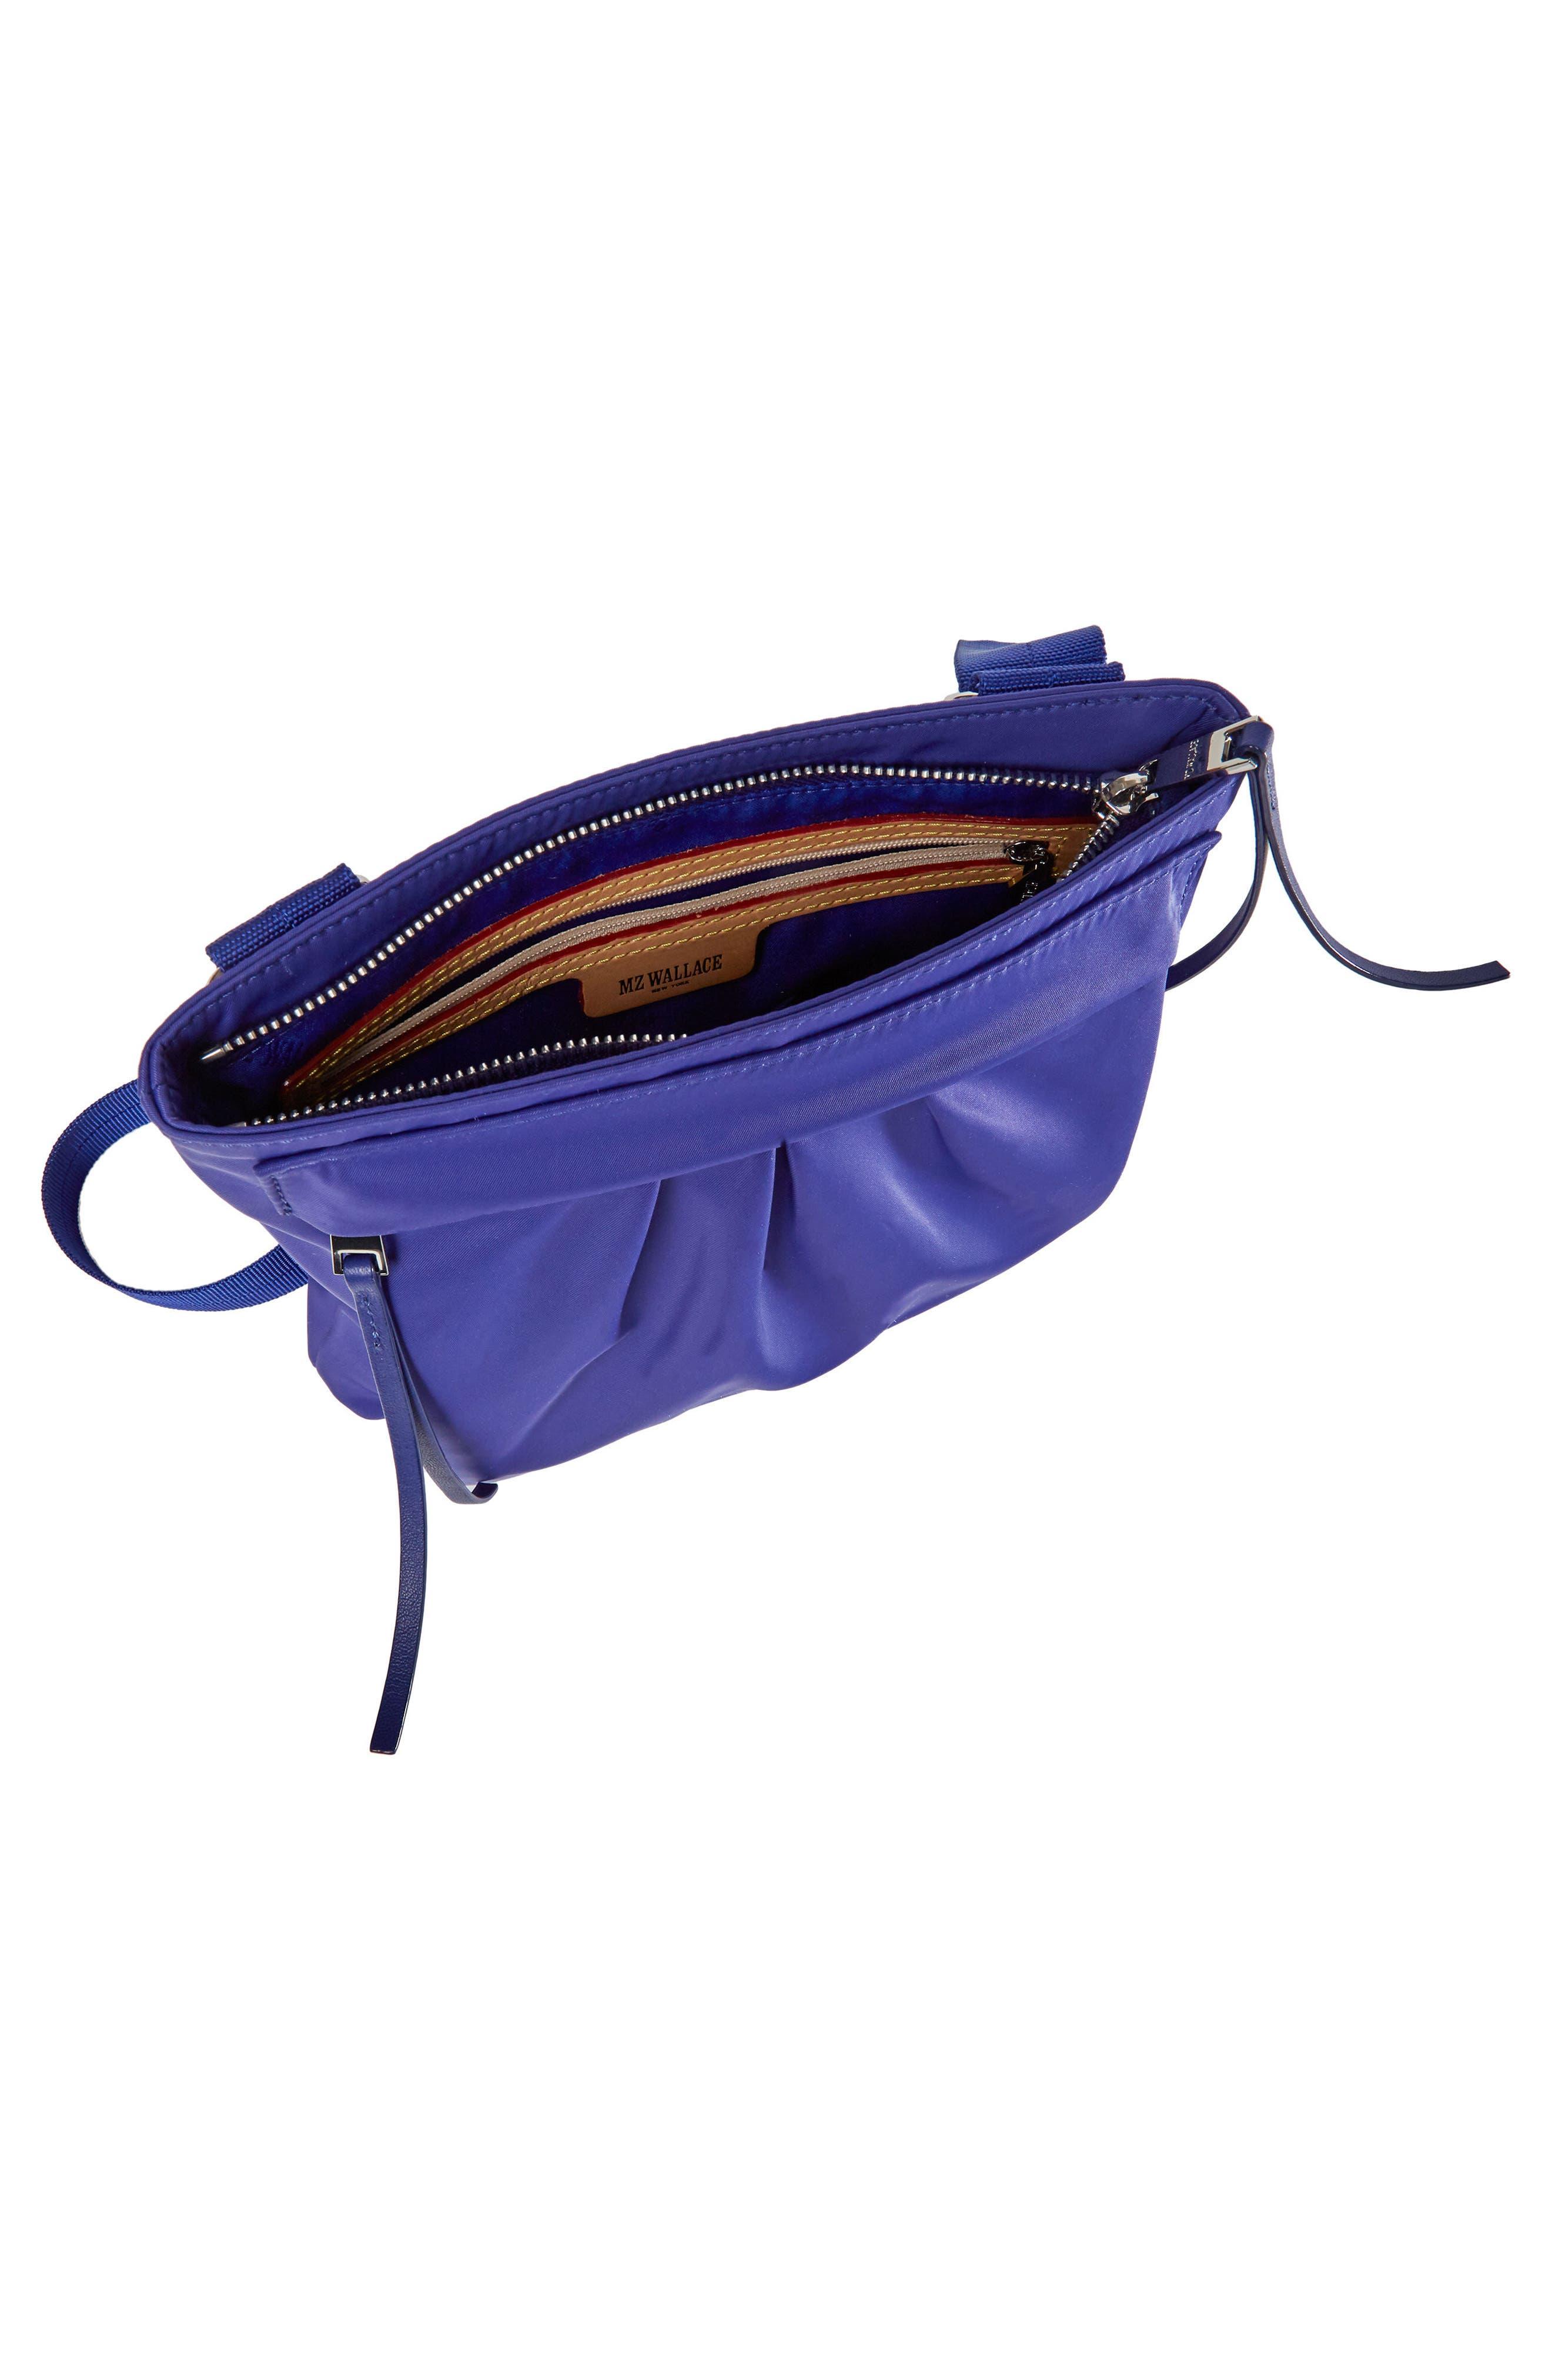 Jordan Bedford Nylon Crossbody Bag,                             Alternate thumbnail 3, color,                             Spectrum Blue